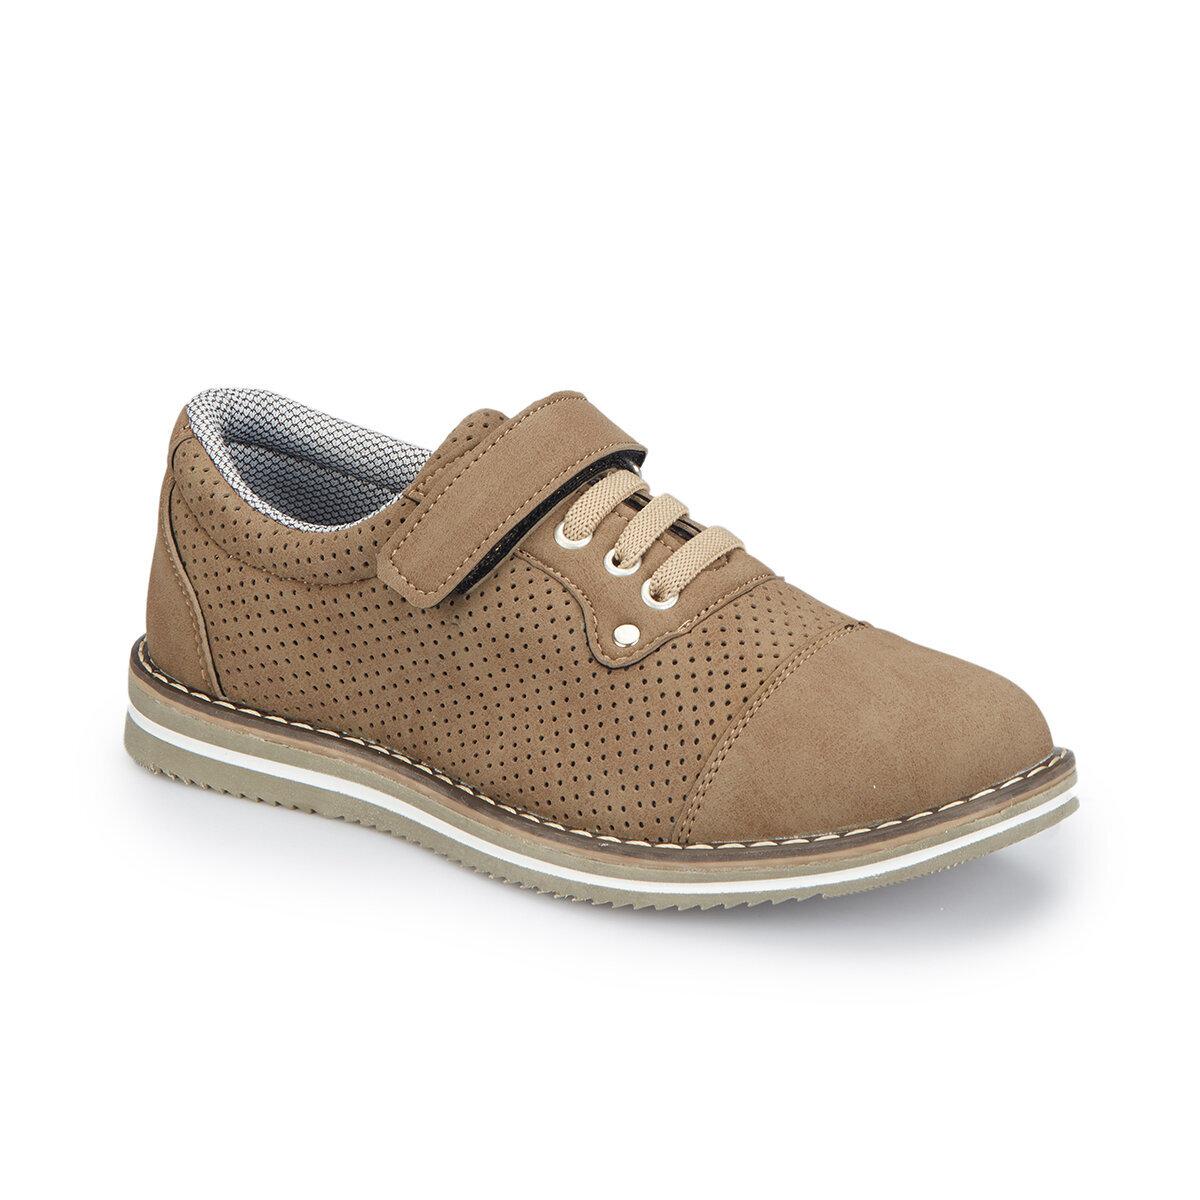 Kahverengi Erkek Çocuk Ayakkabı